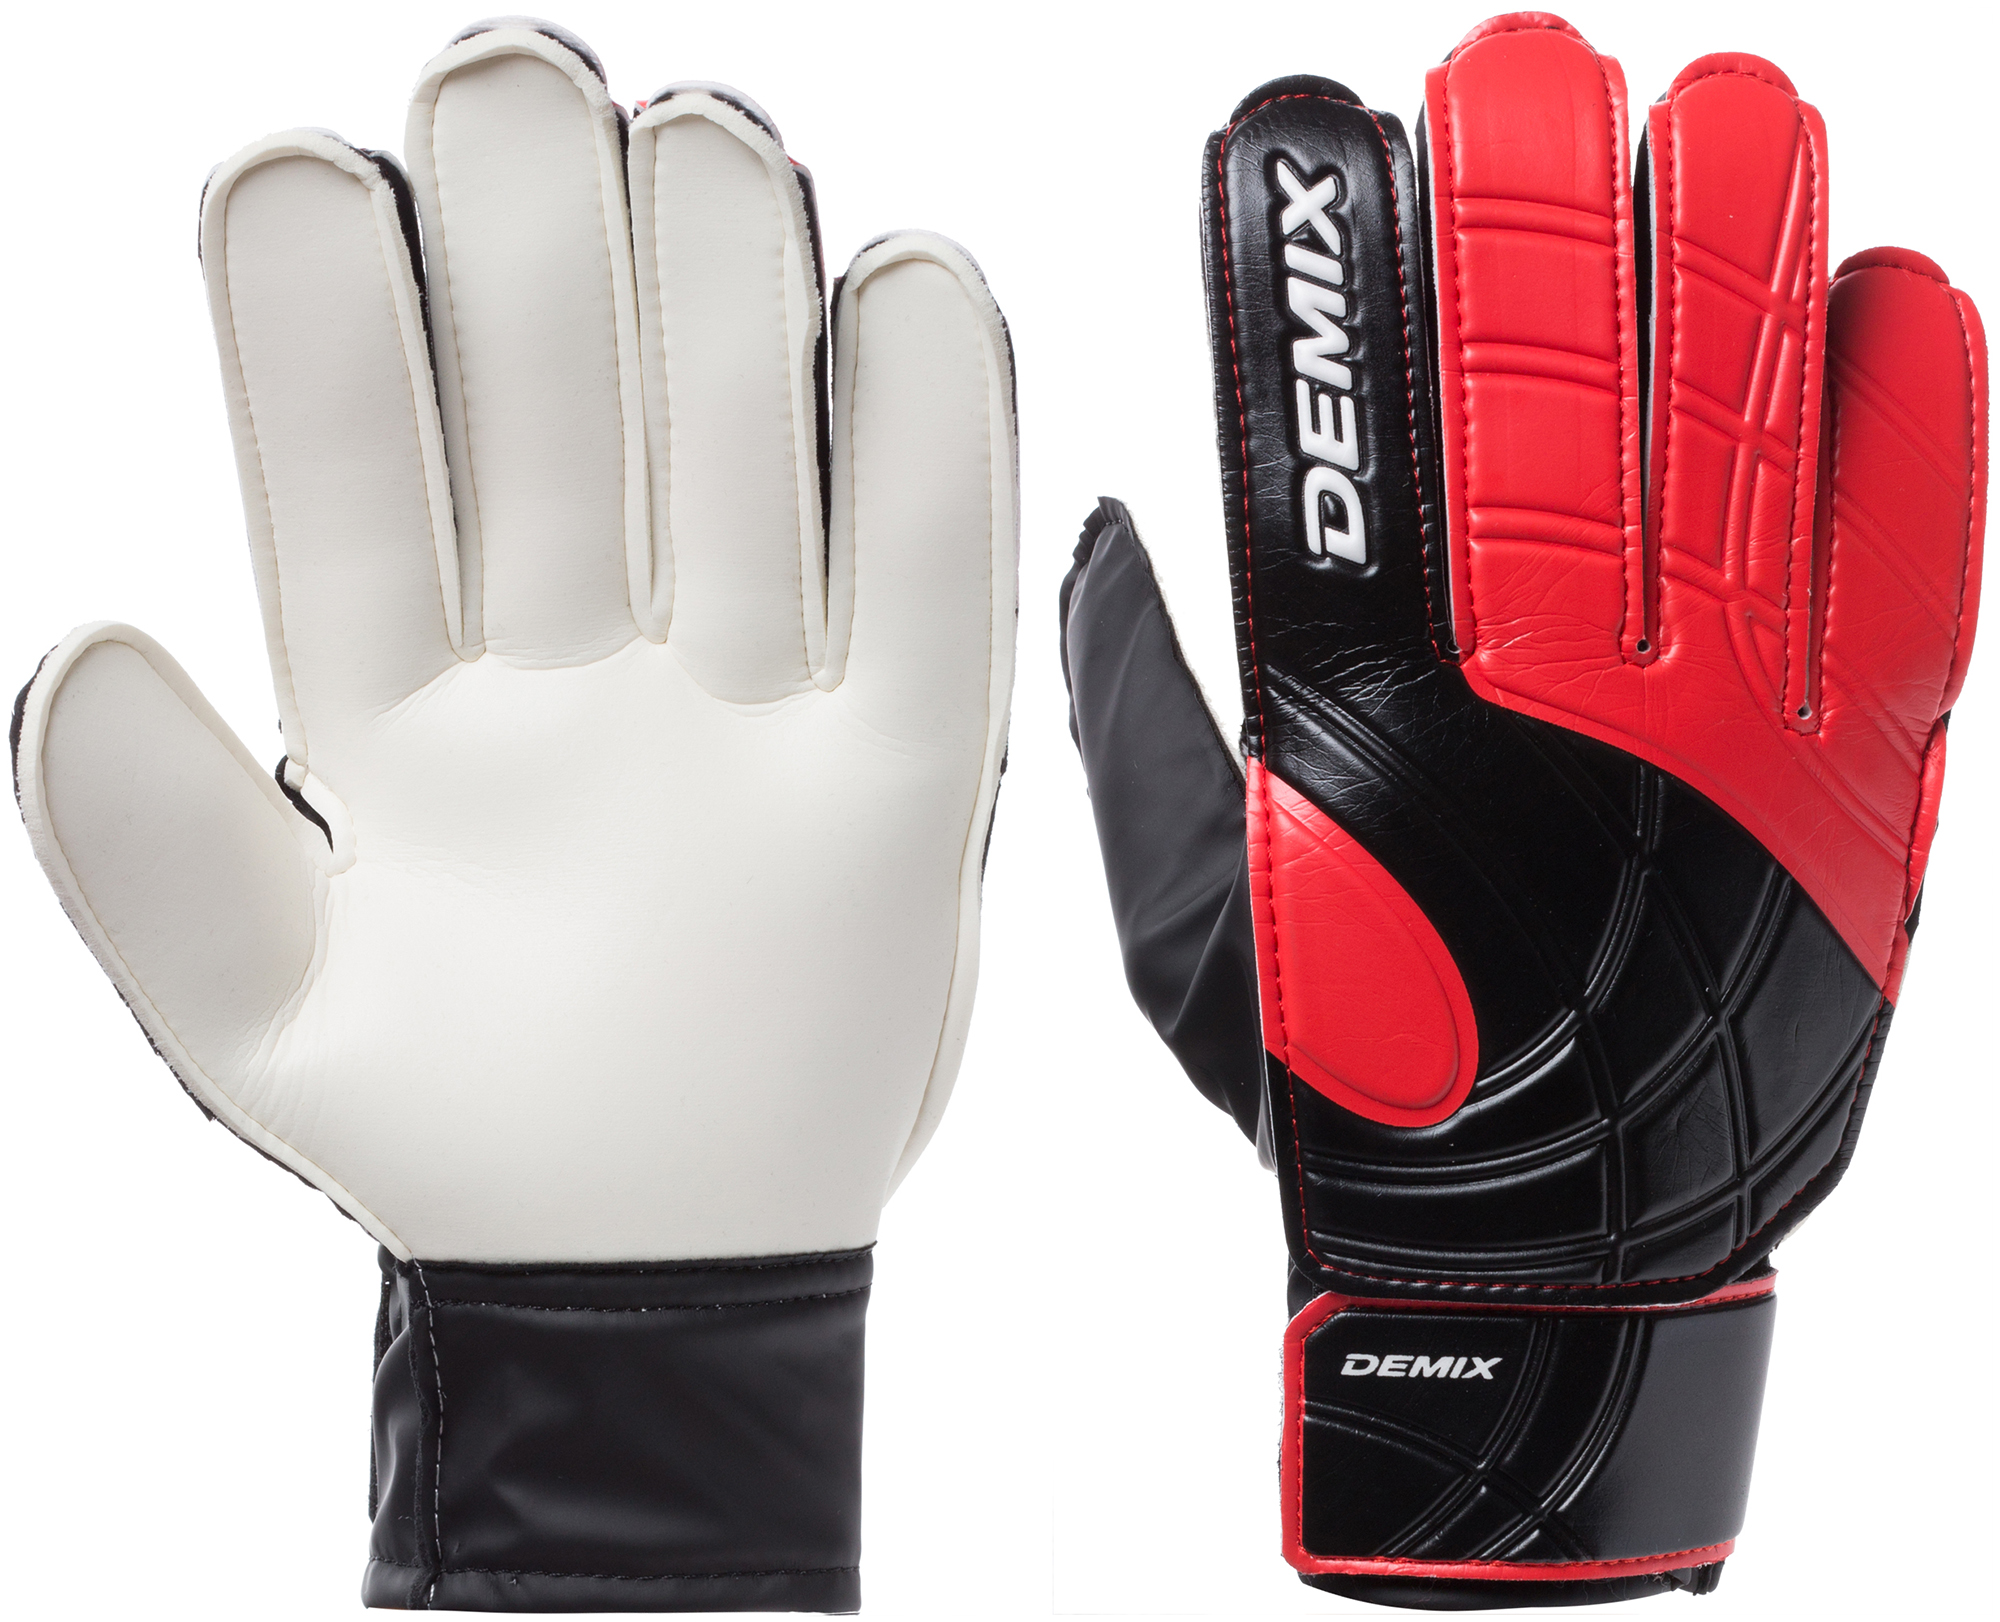 Demix Перчатки вратарские Demix вратарские перчатки larsen перчатки вратарские radium